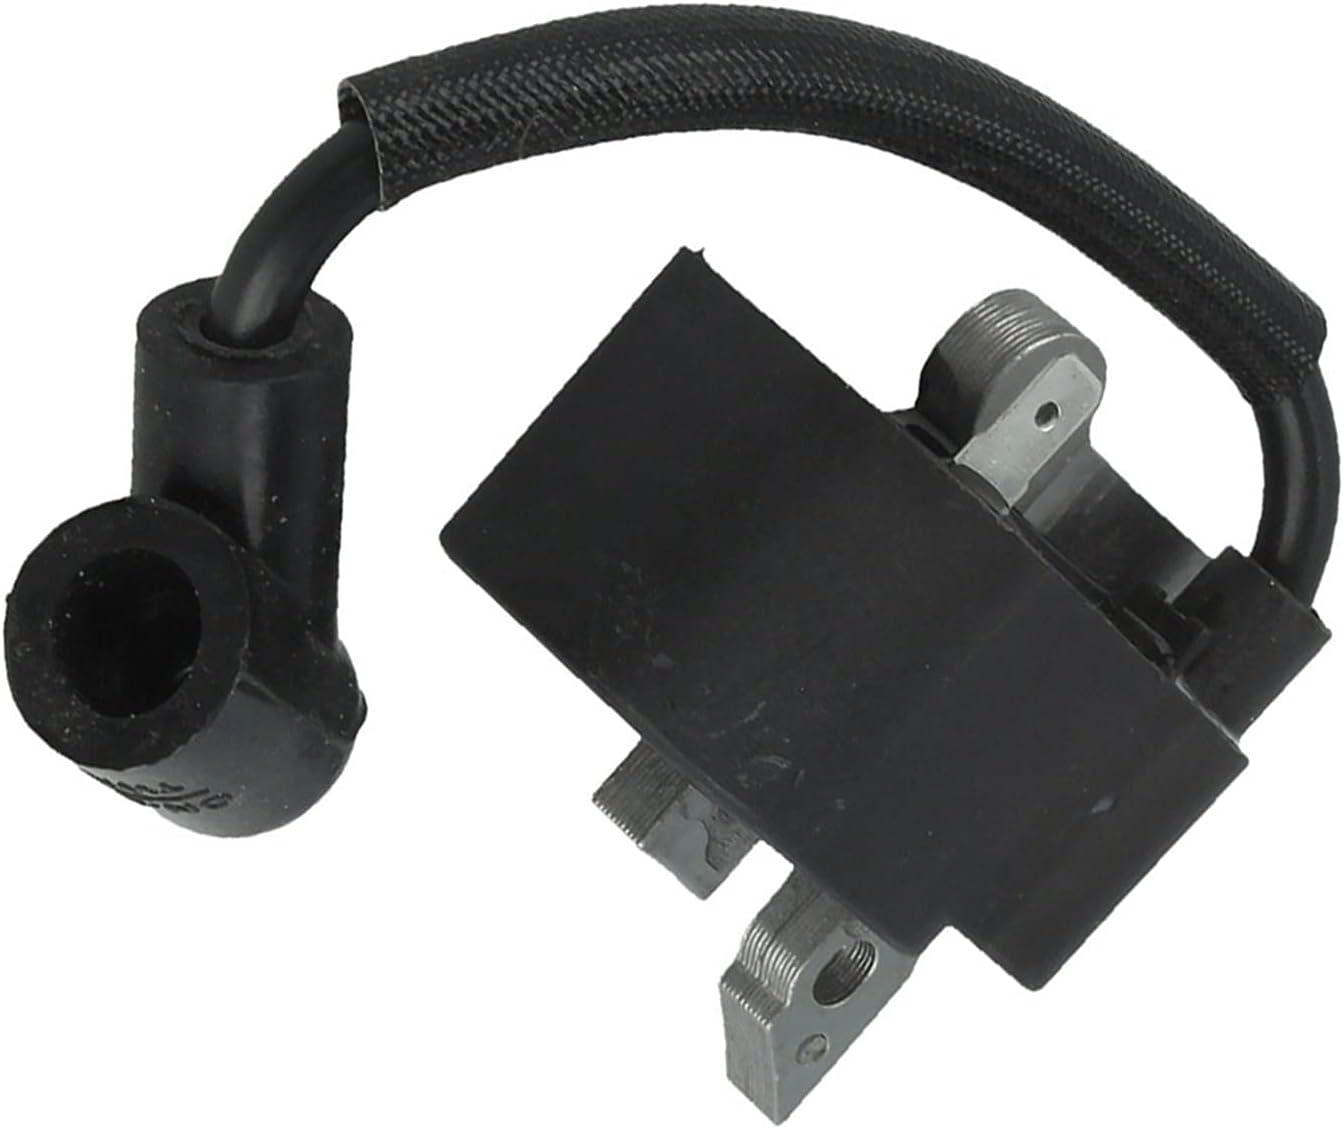 HCO-YU Reemplazos del Motor del cortacésped de la Bobina de Encendido Fit para Husqvarna 120 Mark II 236 236E-5758035-01 para McCulloch CS340 9666314-01 9666314-05 9670274-01 Motor Bobina Módulo